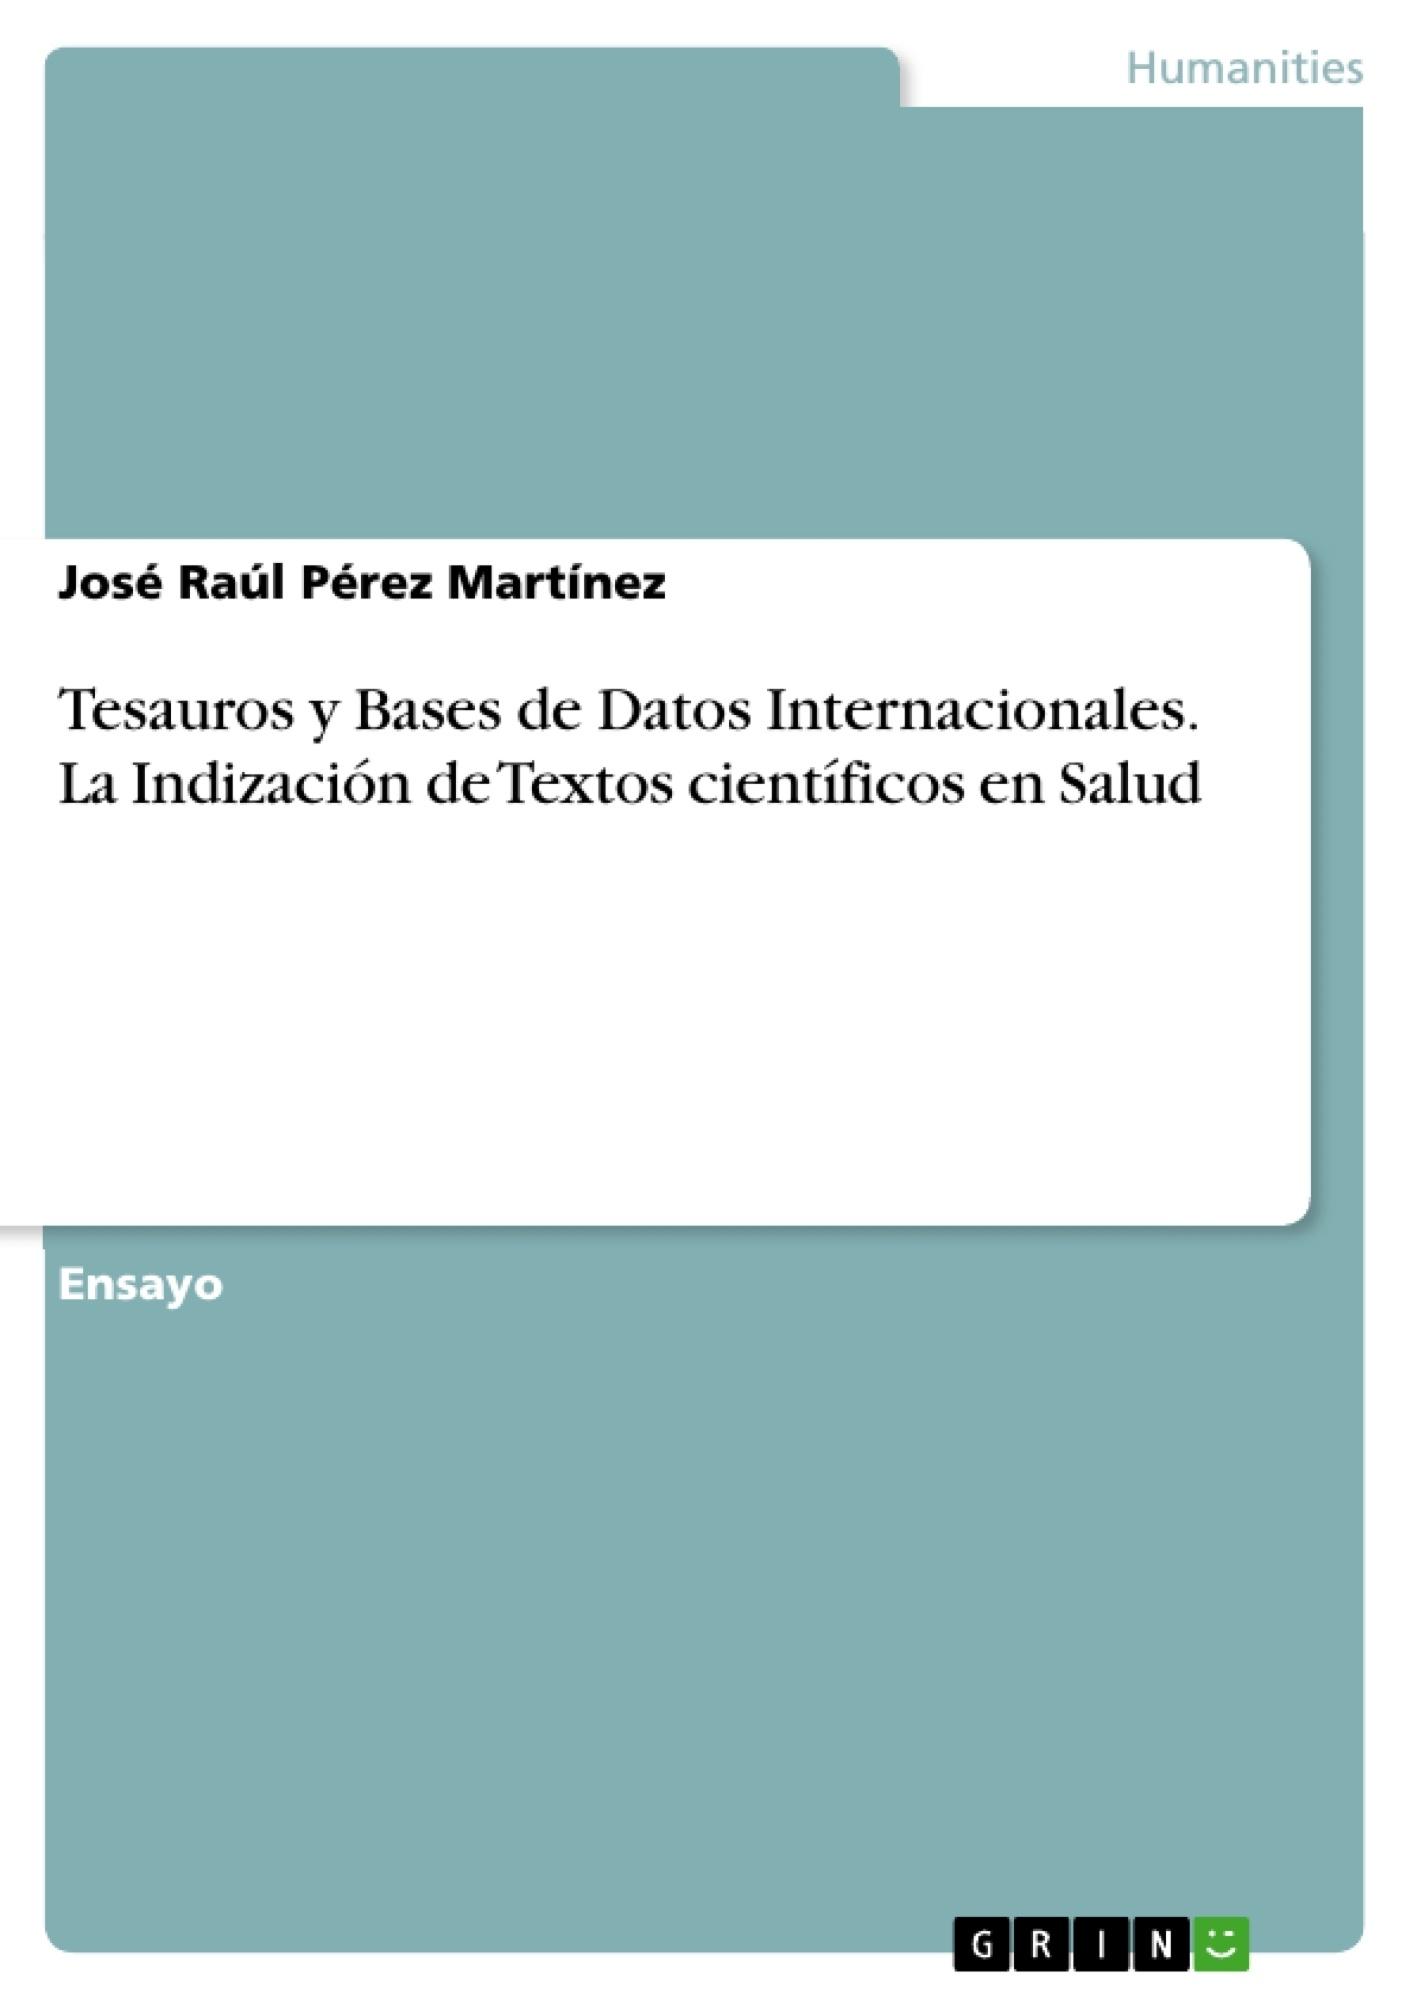 Título: Tesauros y Bases de Datos Internacionales. La Indización de Textos científicos en Salud